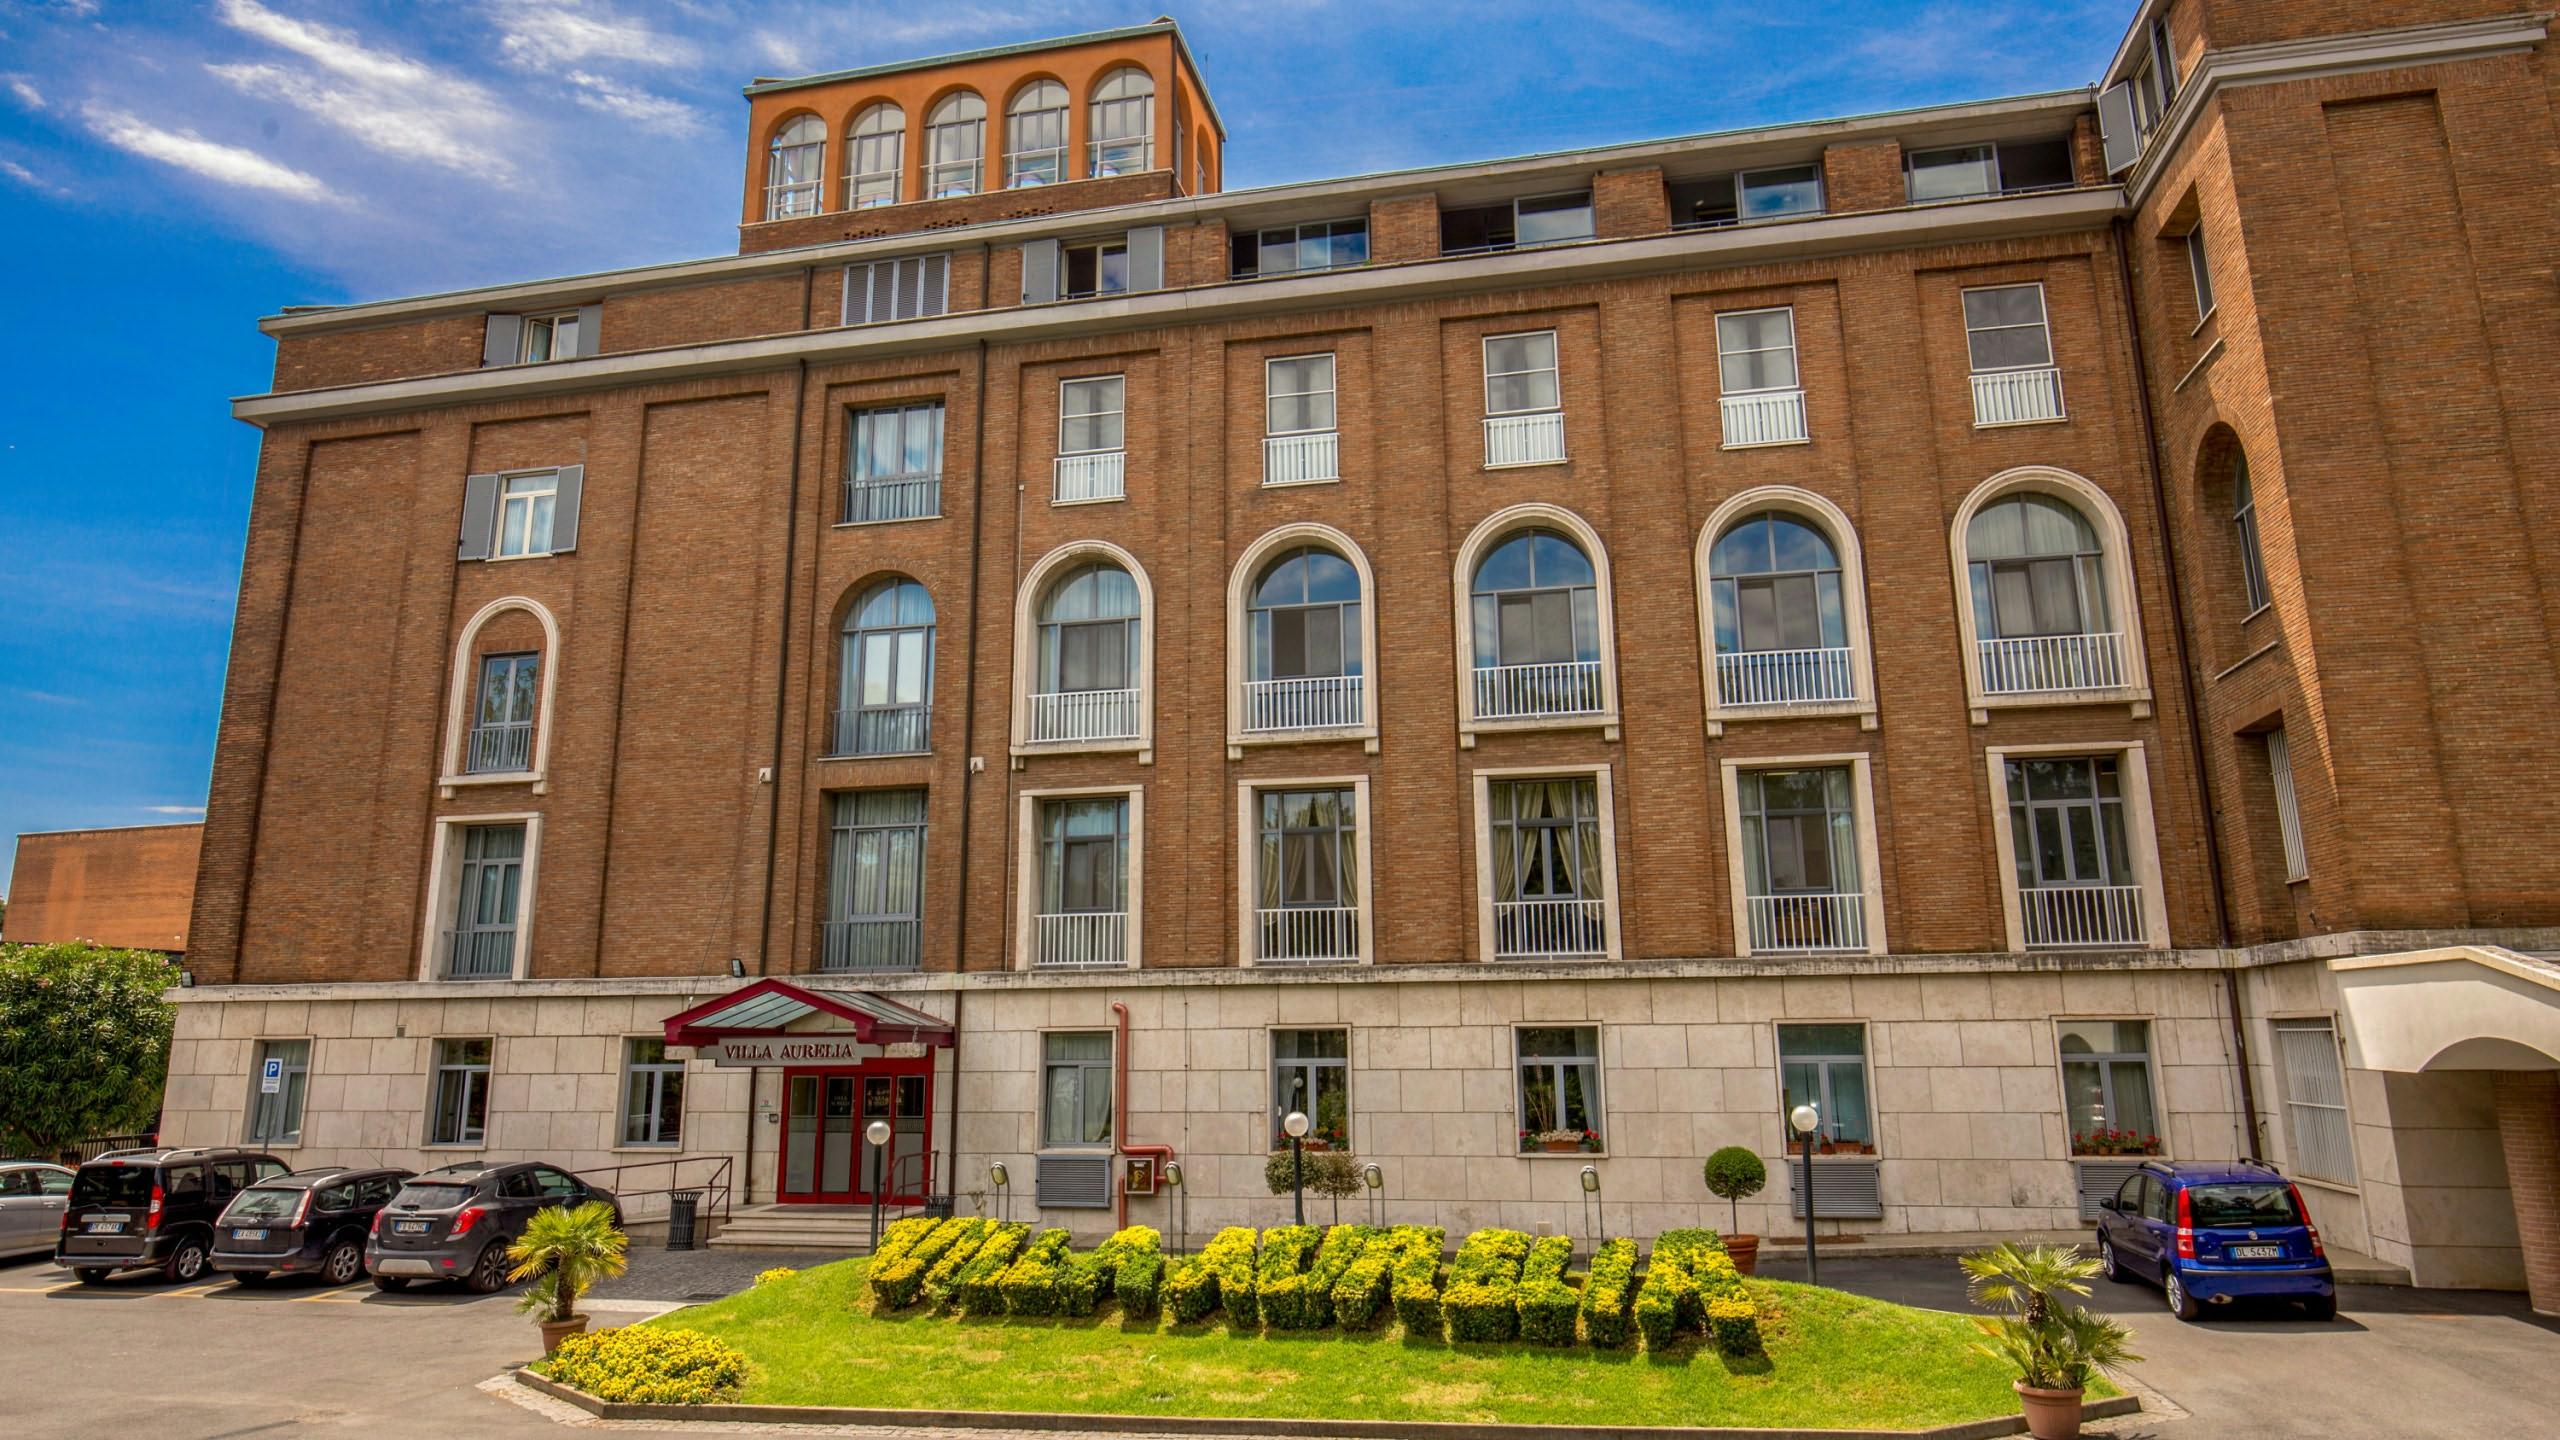 Centro Congressi Villa Aurelia